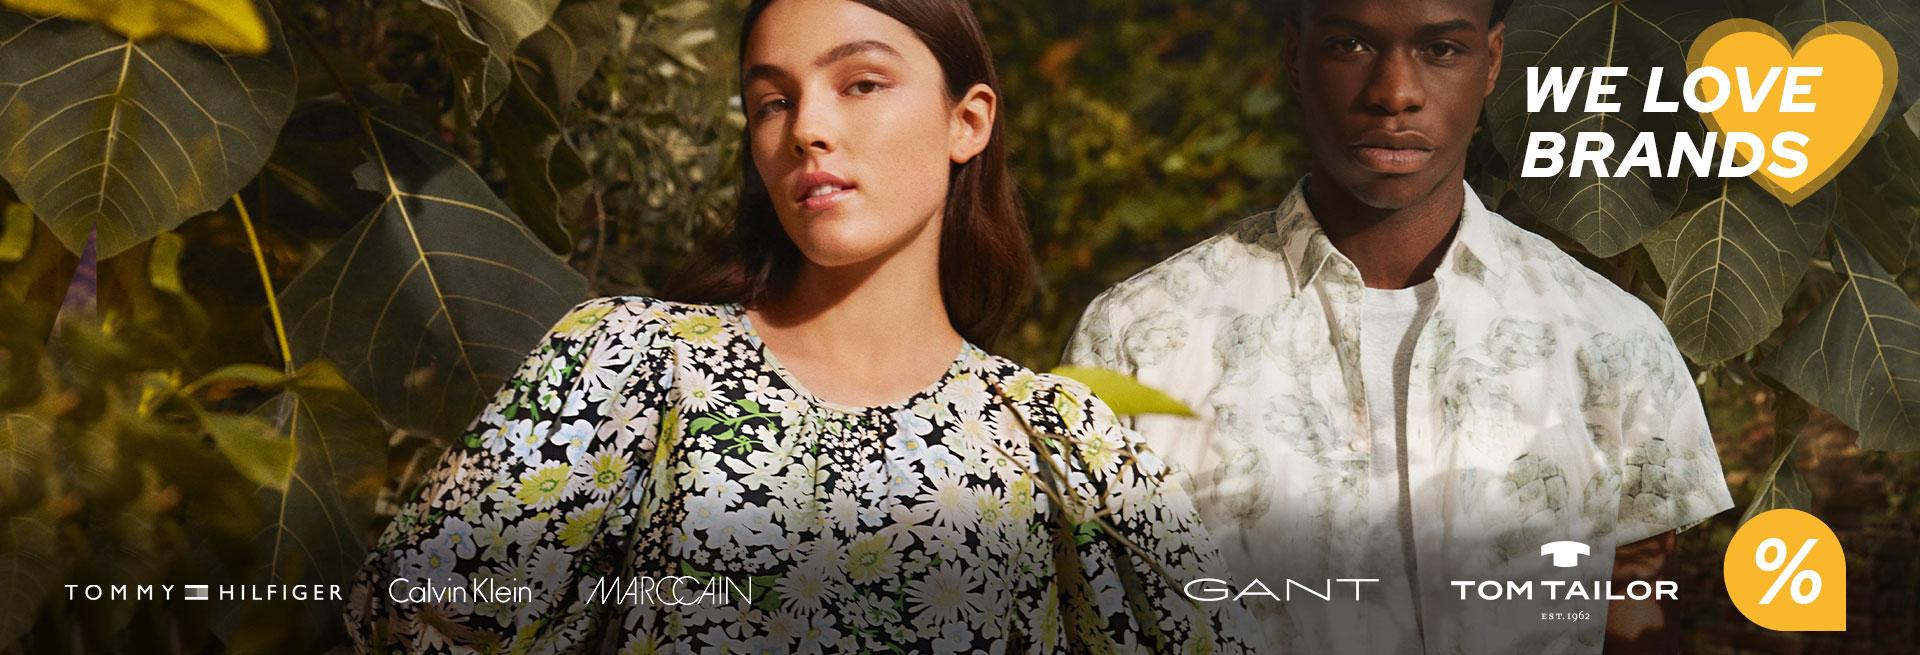 dress-for-less.de,Mode für Frau/Mann/Kind, 46% - 80% Rabatt auf fast Alles,Gratis-Versand, + zusätzlich 5% Rabatt auch auf reduzierte Sachen